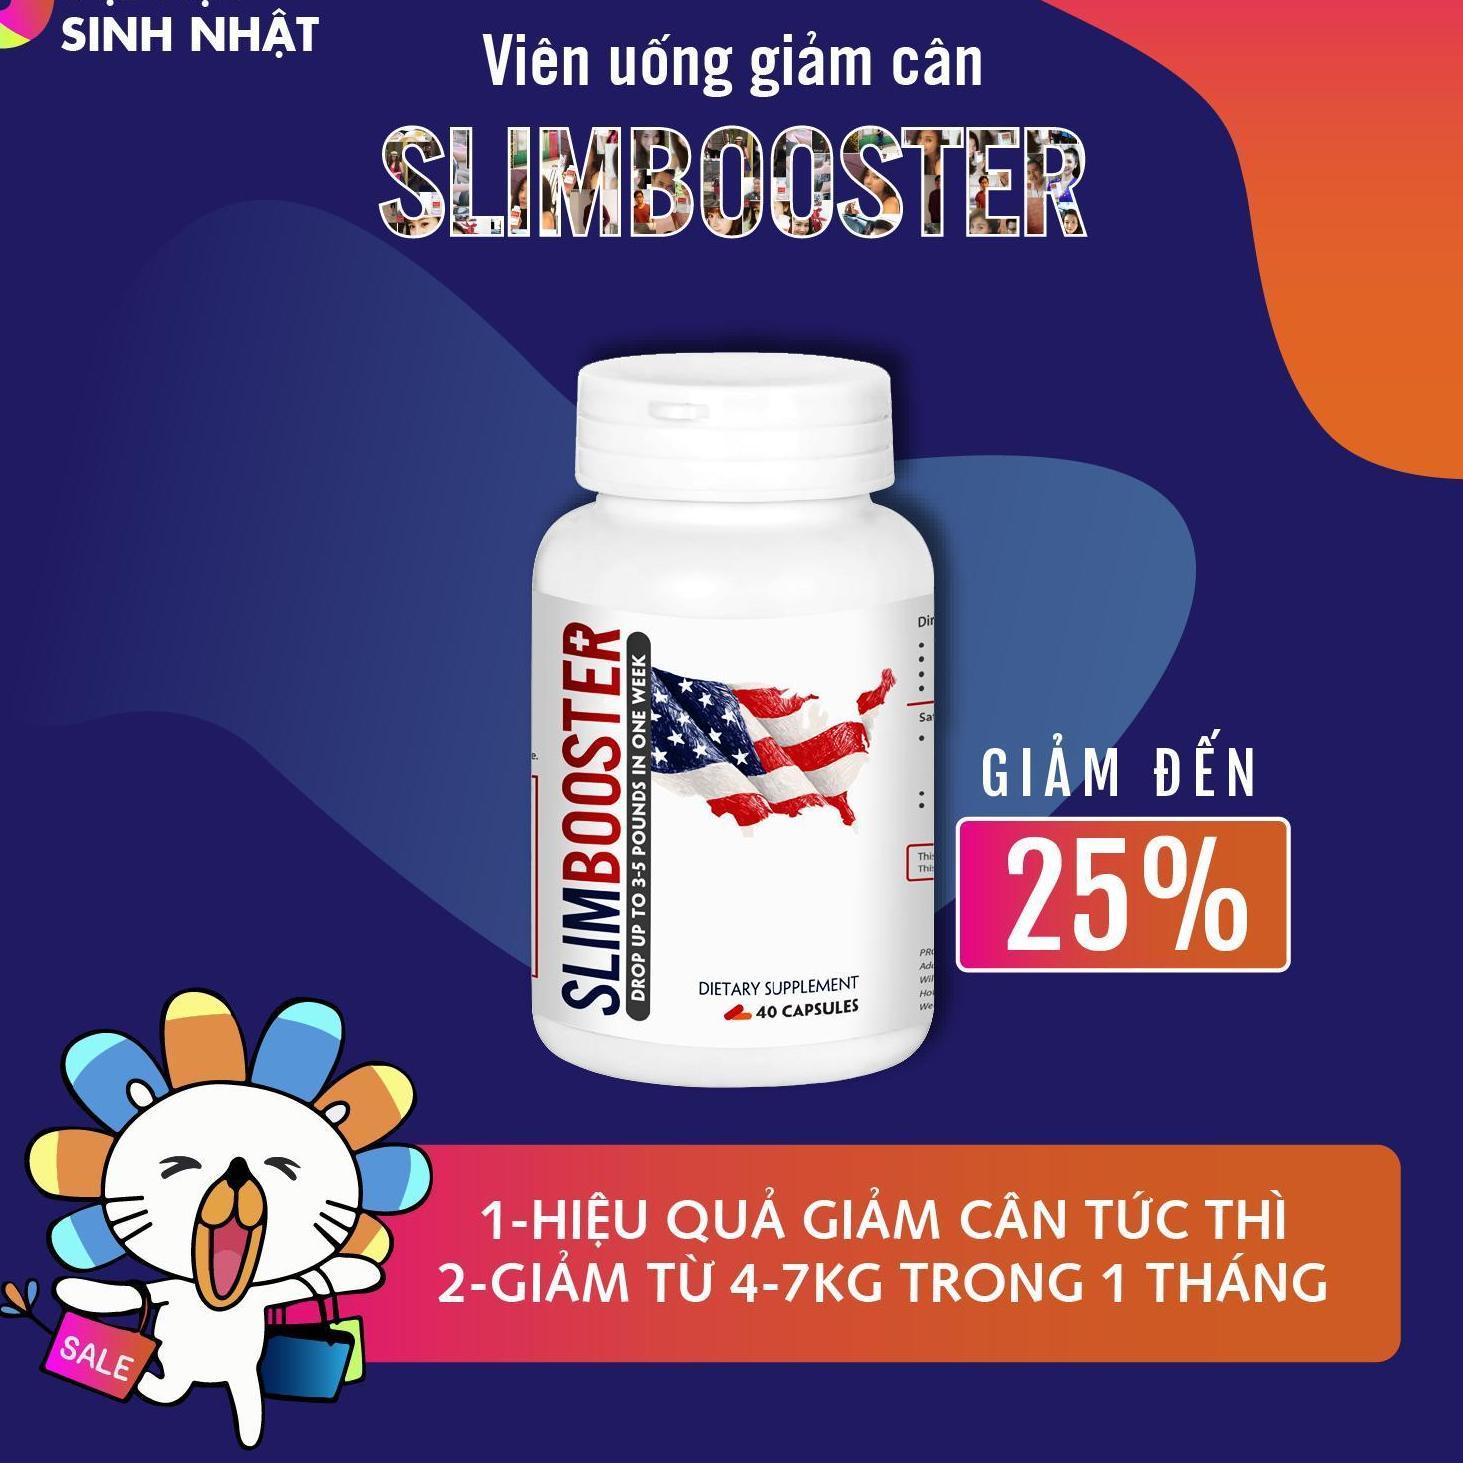 Cửa Hàng Vien Uống Hỗ Trợ Giảm Can Slimbooster Hồ Chí Minh